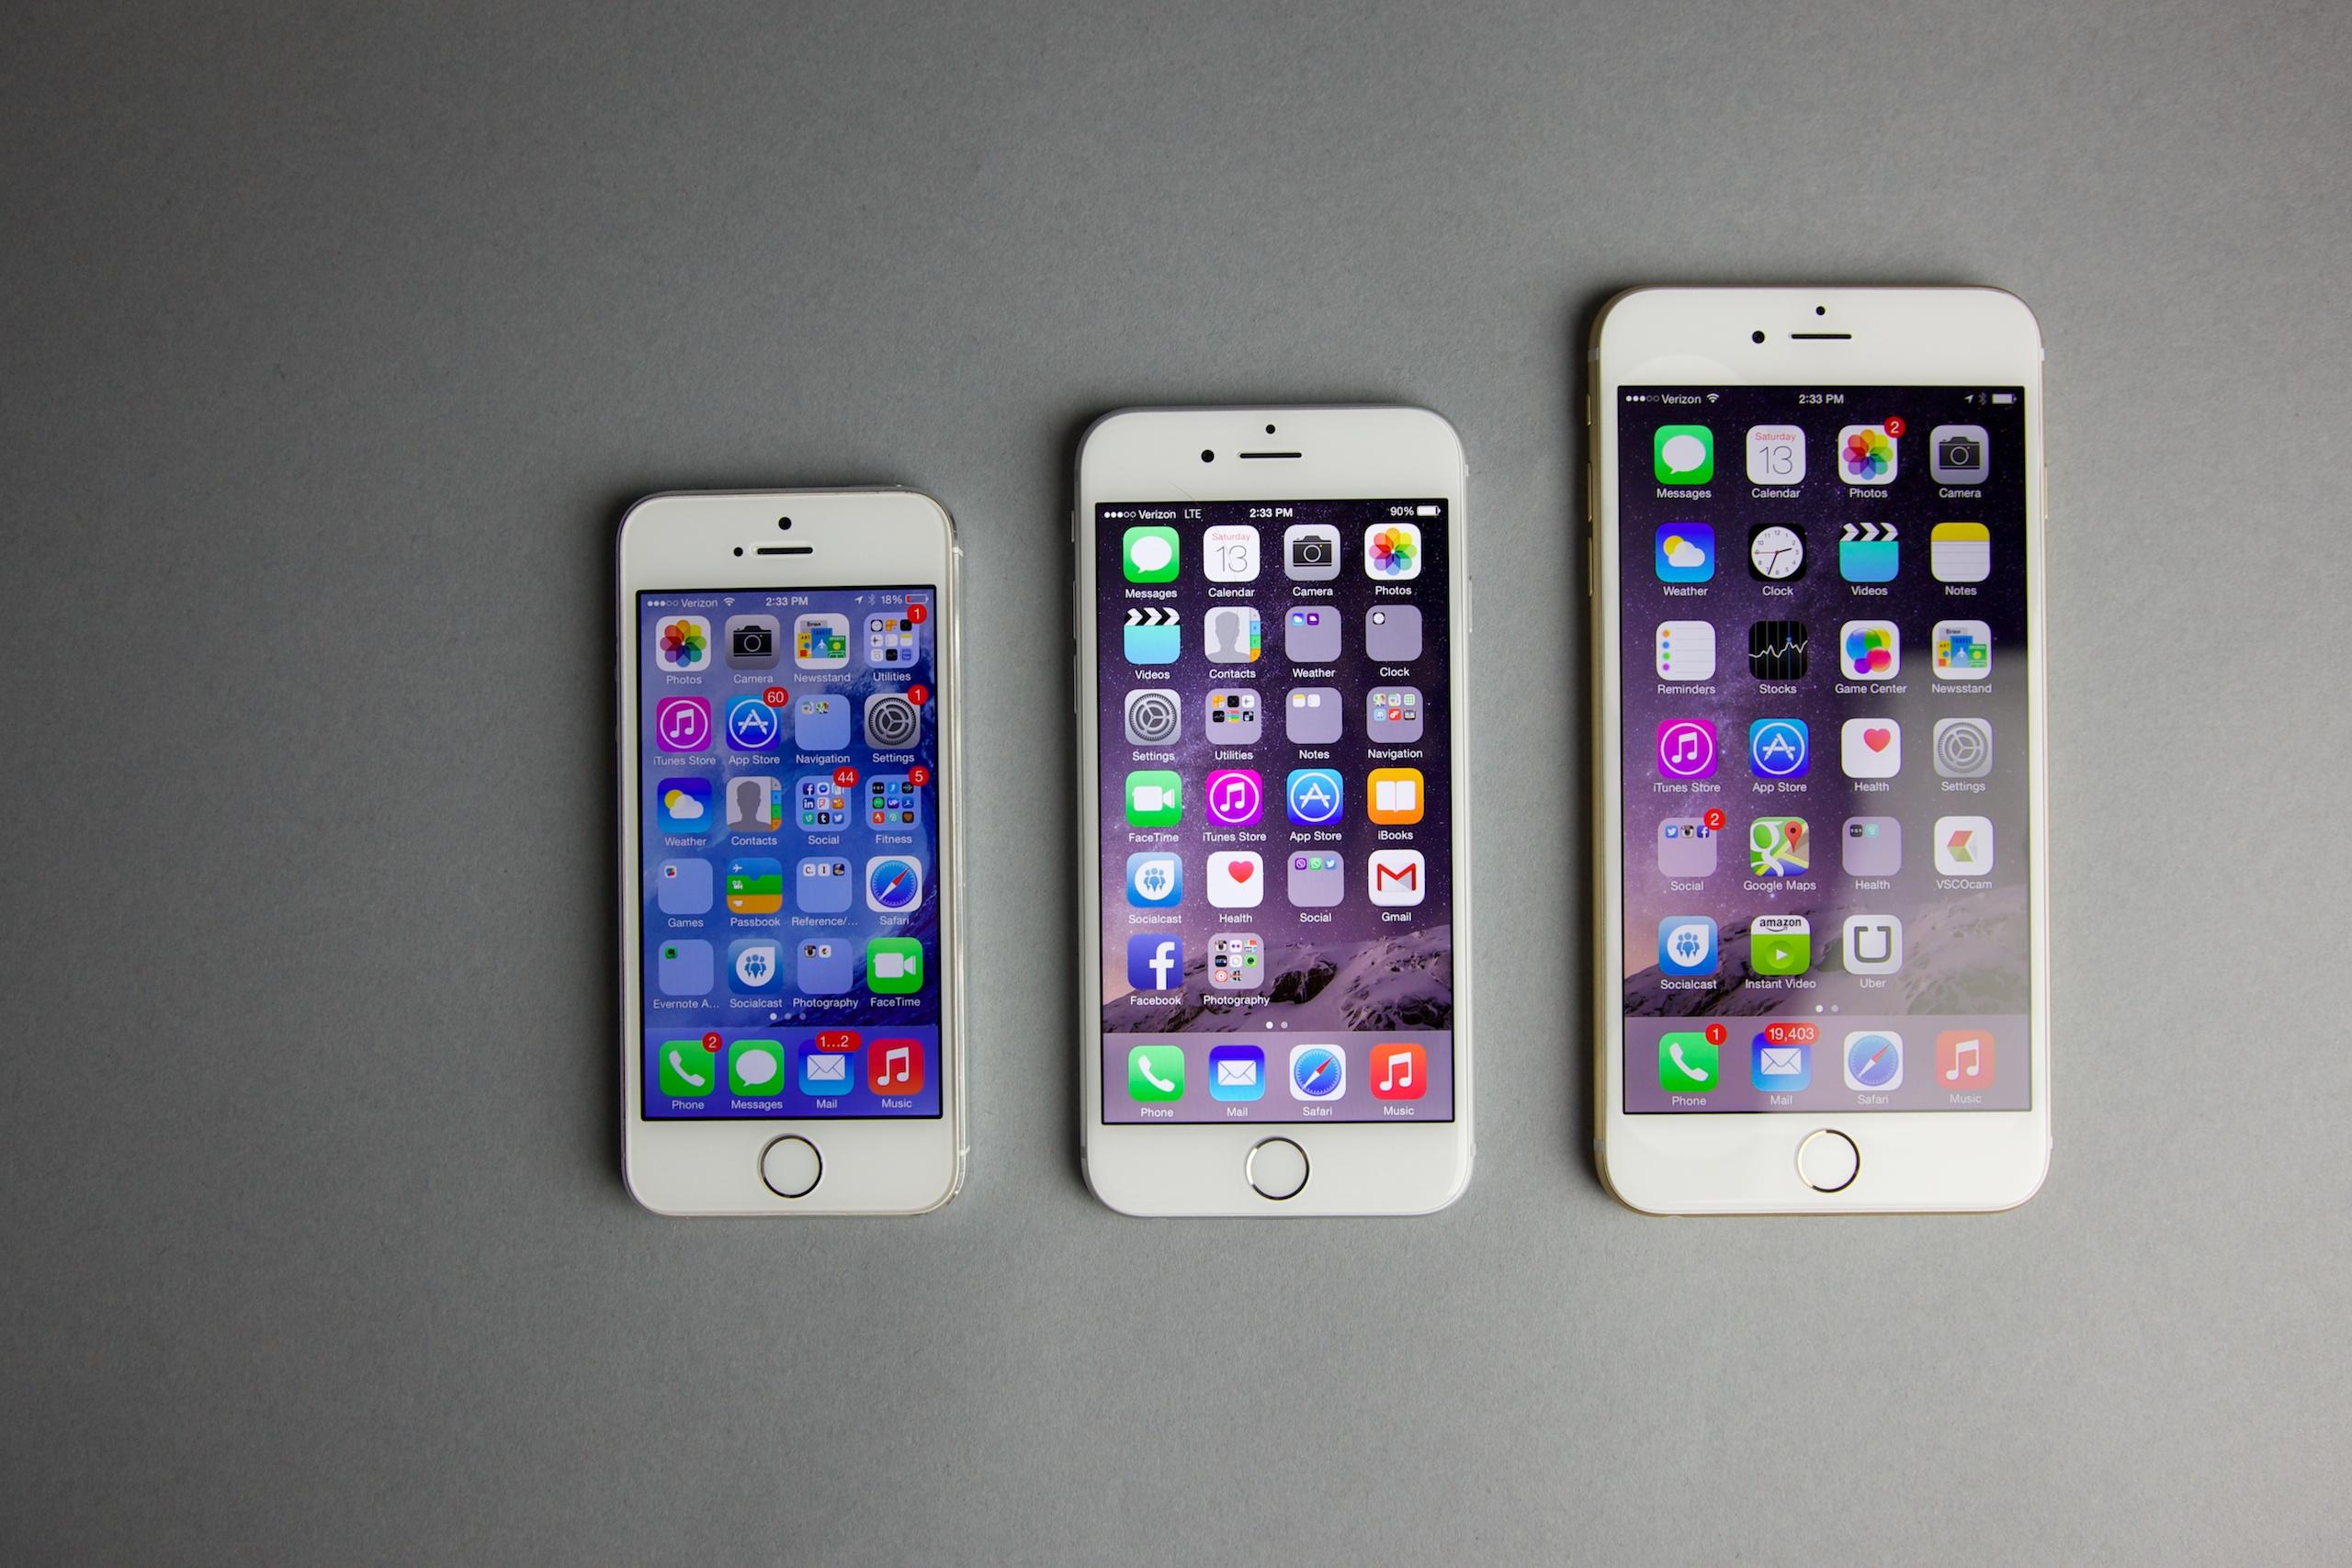 Ios 7 Iphone Wallpaper: Wordt Het Nieuwe IPhone 6 Model Weer Kleiner én Goedkoper